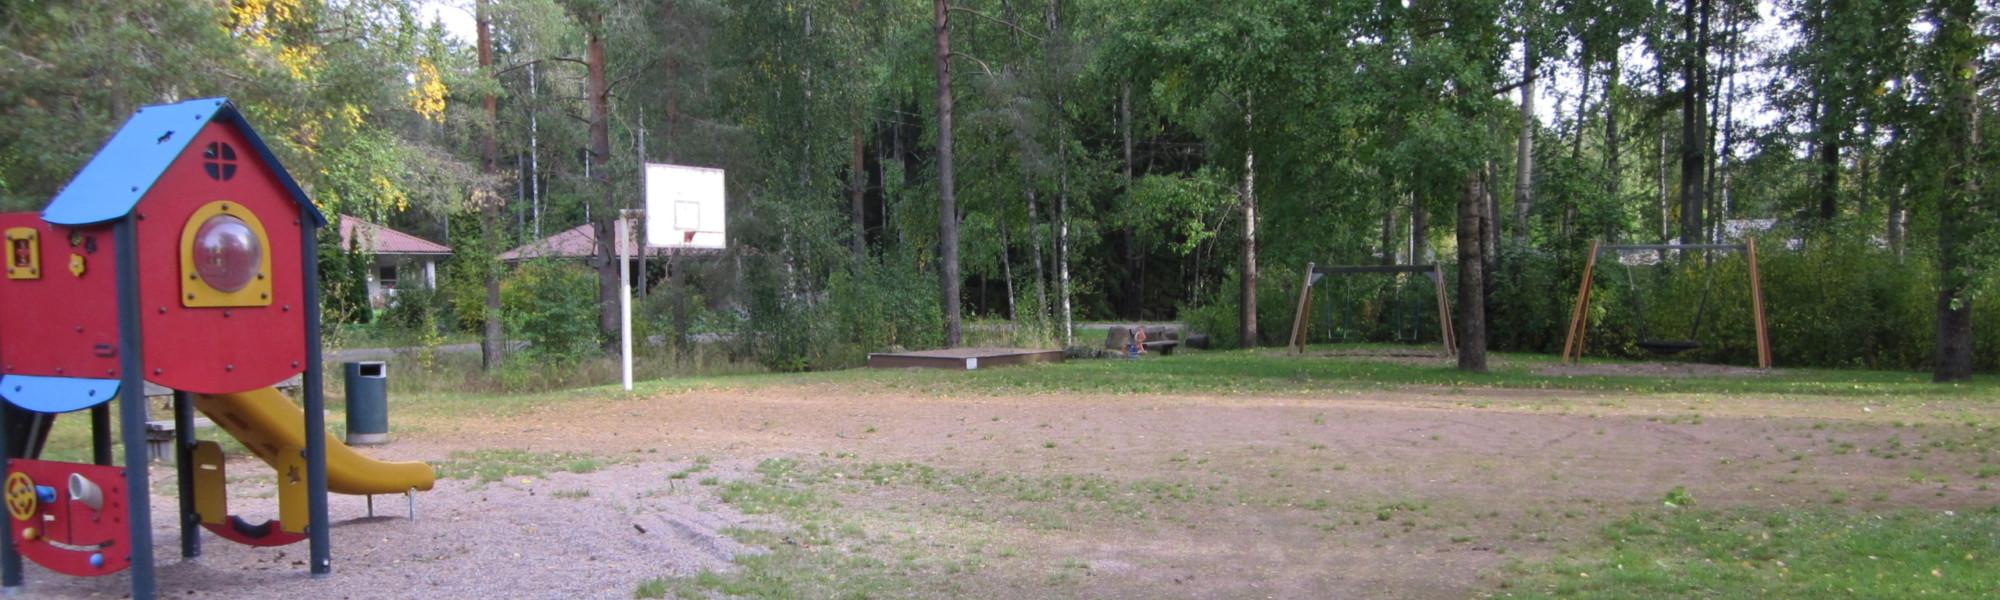 Kuvassa on Katajasuon leikkipaikka